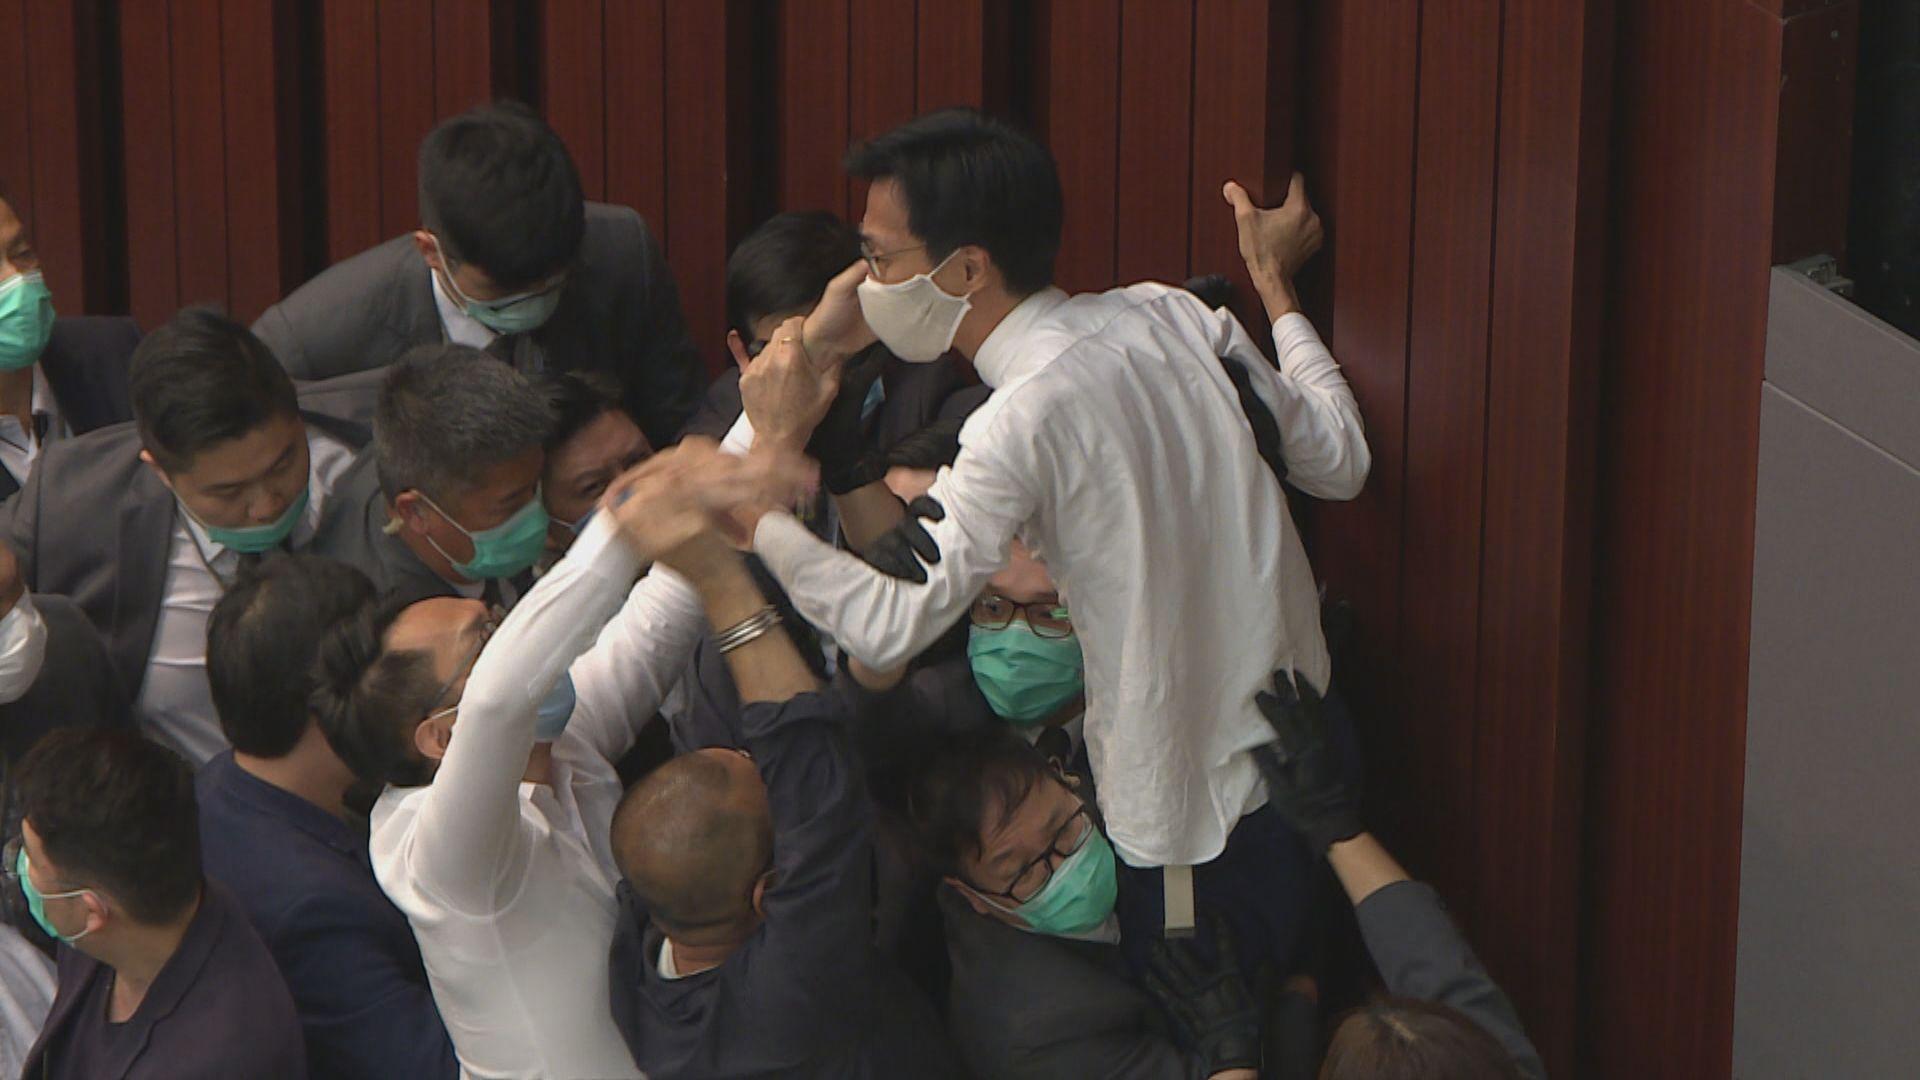 警拘7人涉五月內會違特權法